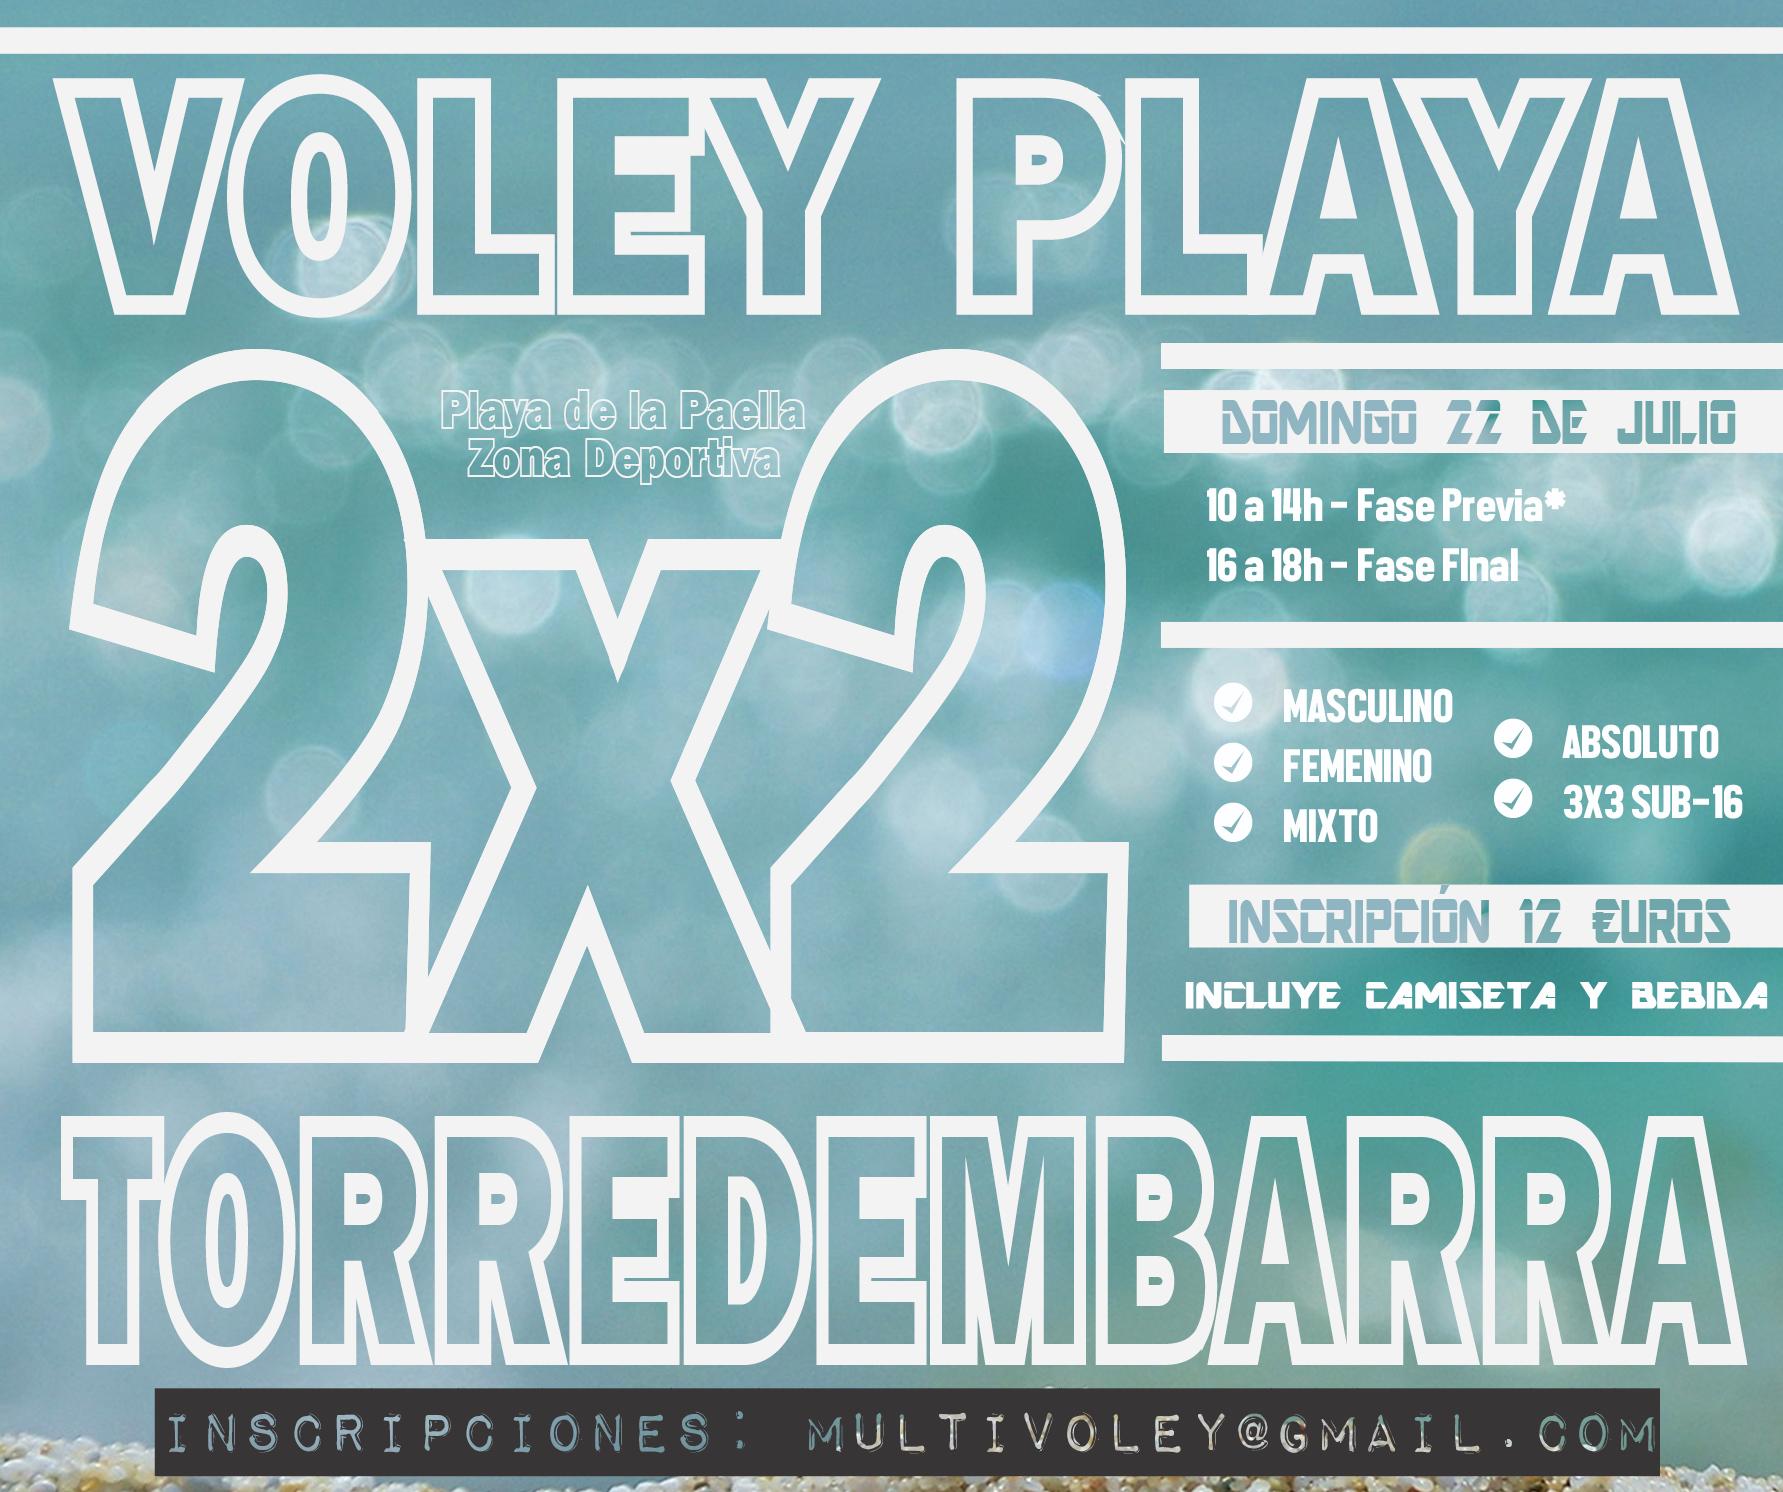 La cuarta edición del Open de Torredembarra tendrá lugar el 21 y 22 ...